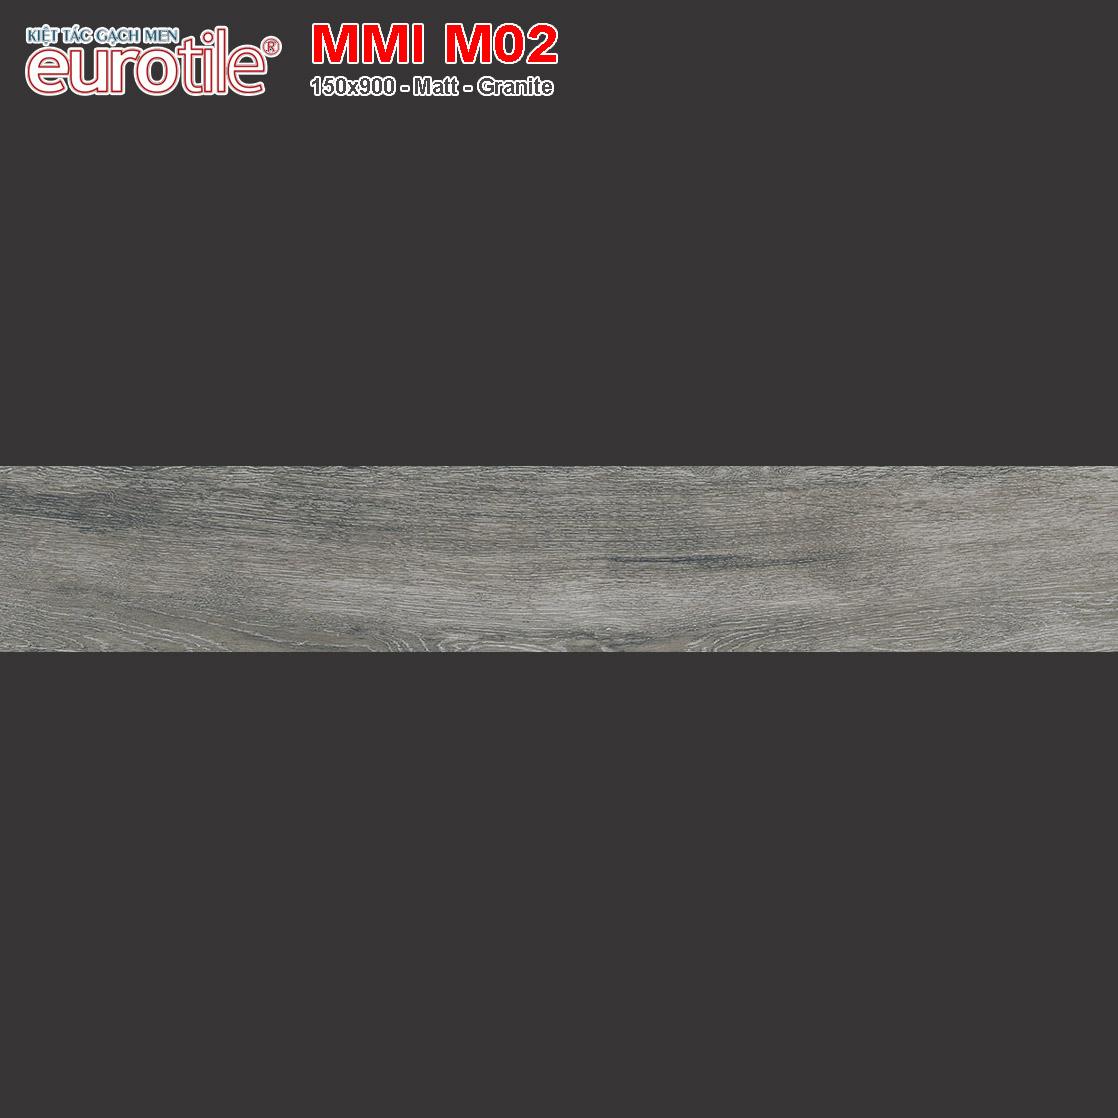 Gạch lát nền vân gỗ 150x900 Eurotile MMI M02 giá rẻ